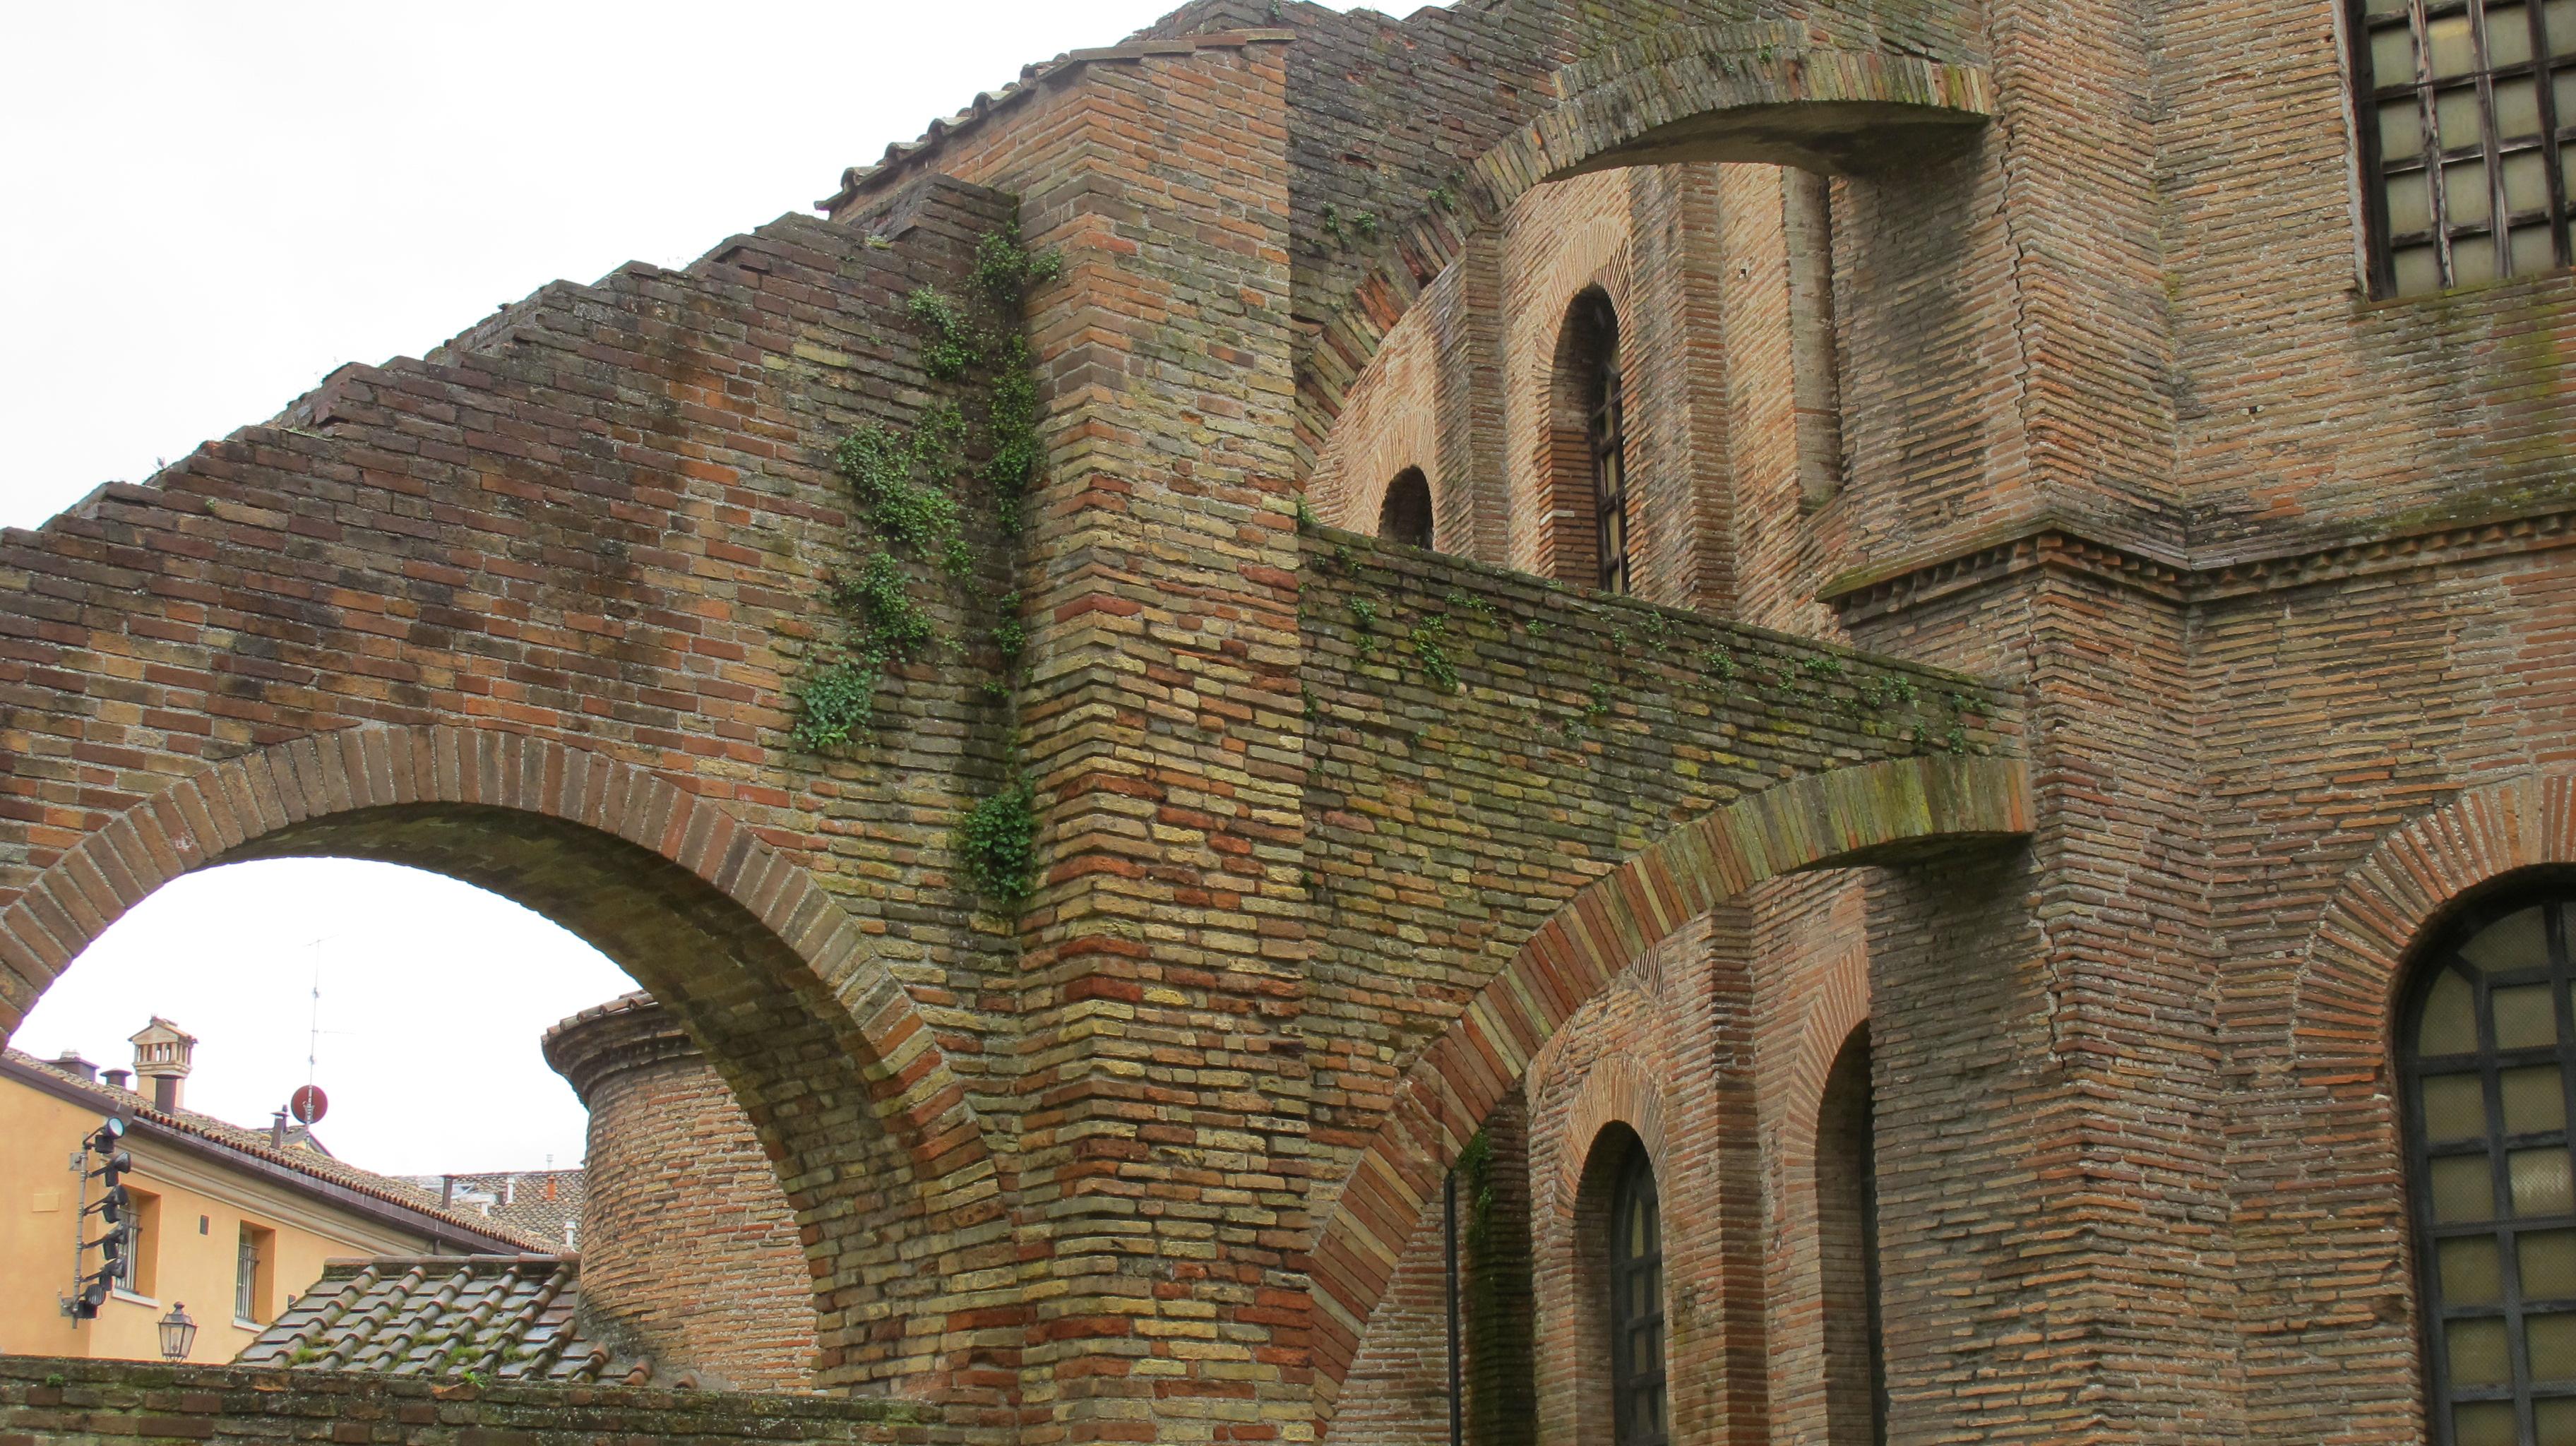 Basilica San Vitale – Ravenna | Bagni di Lucca and Beyond